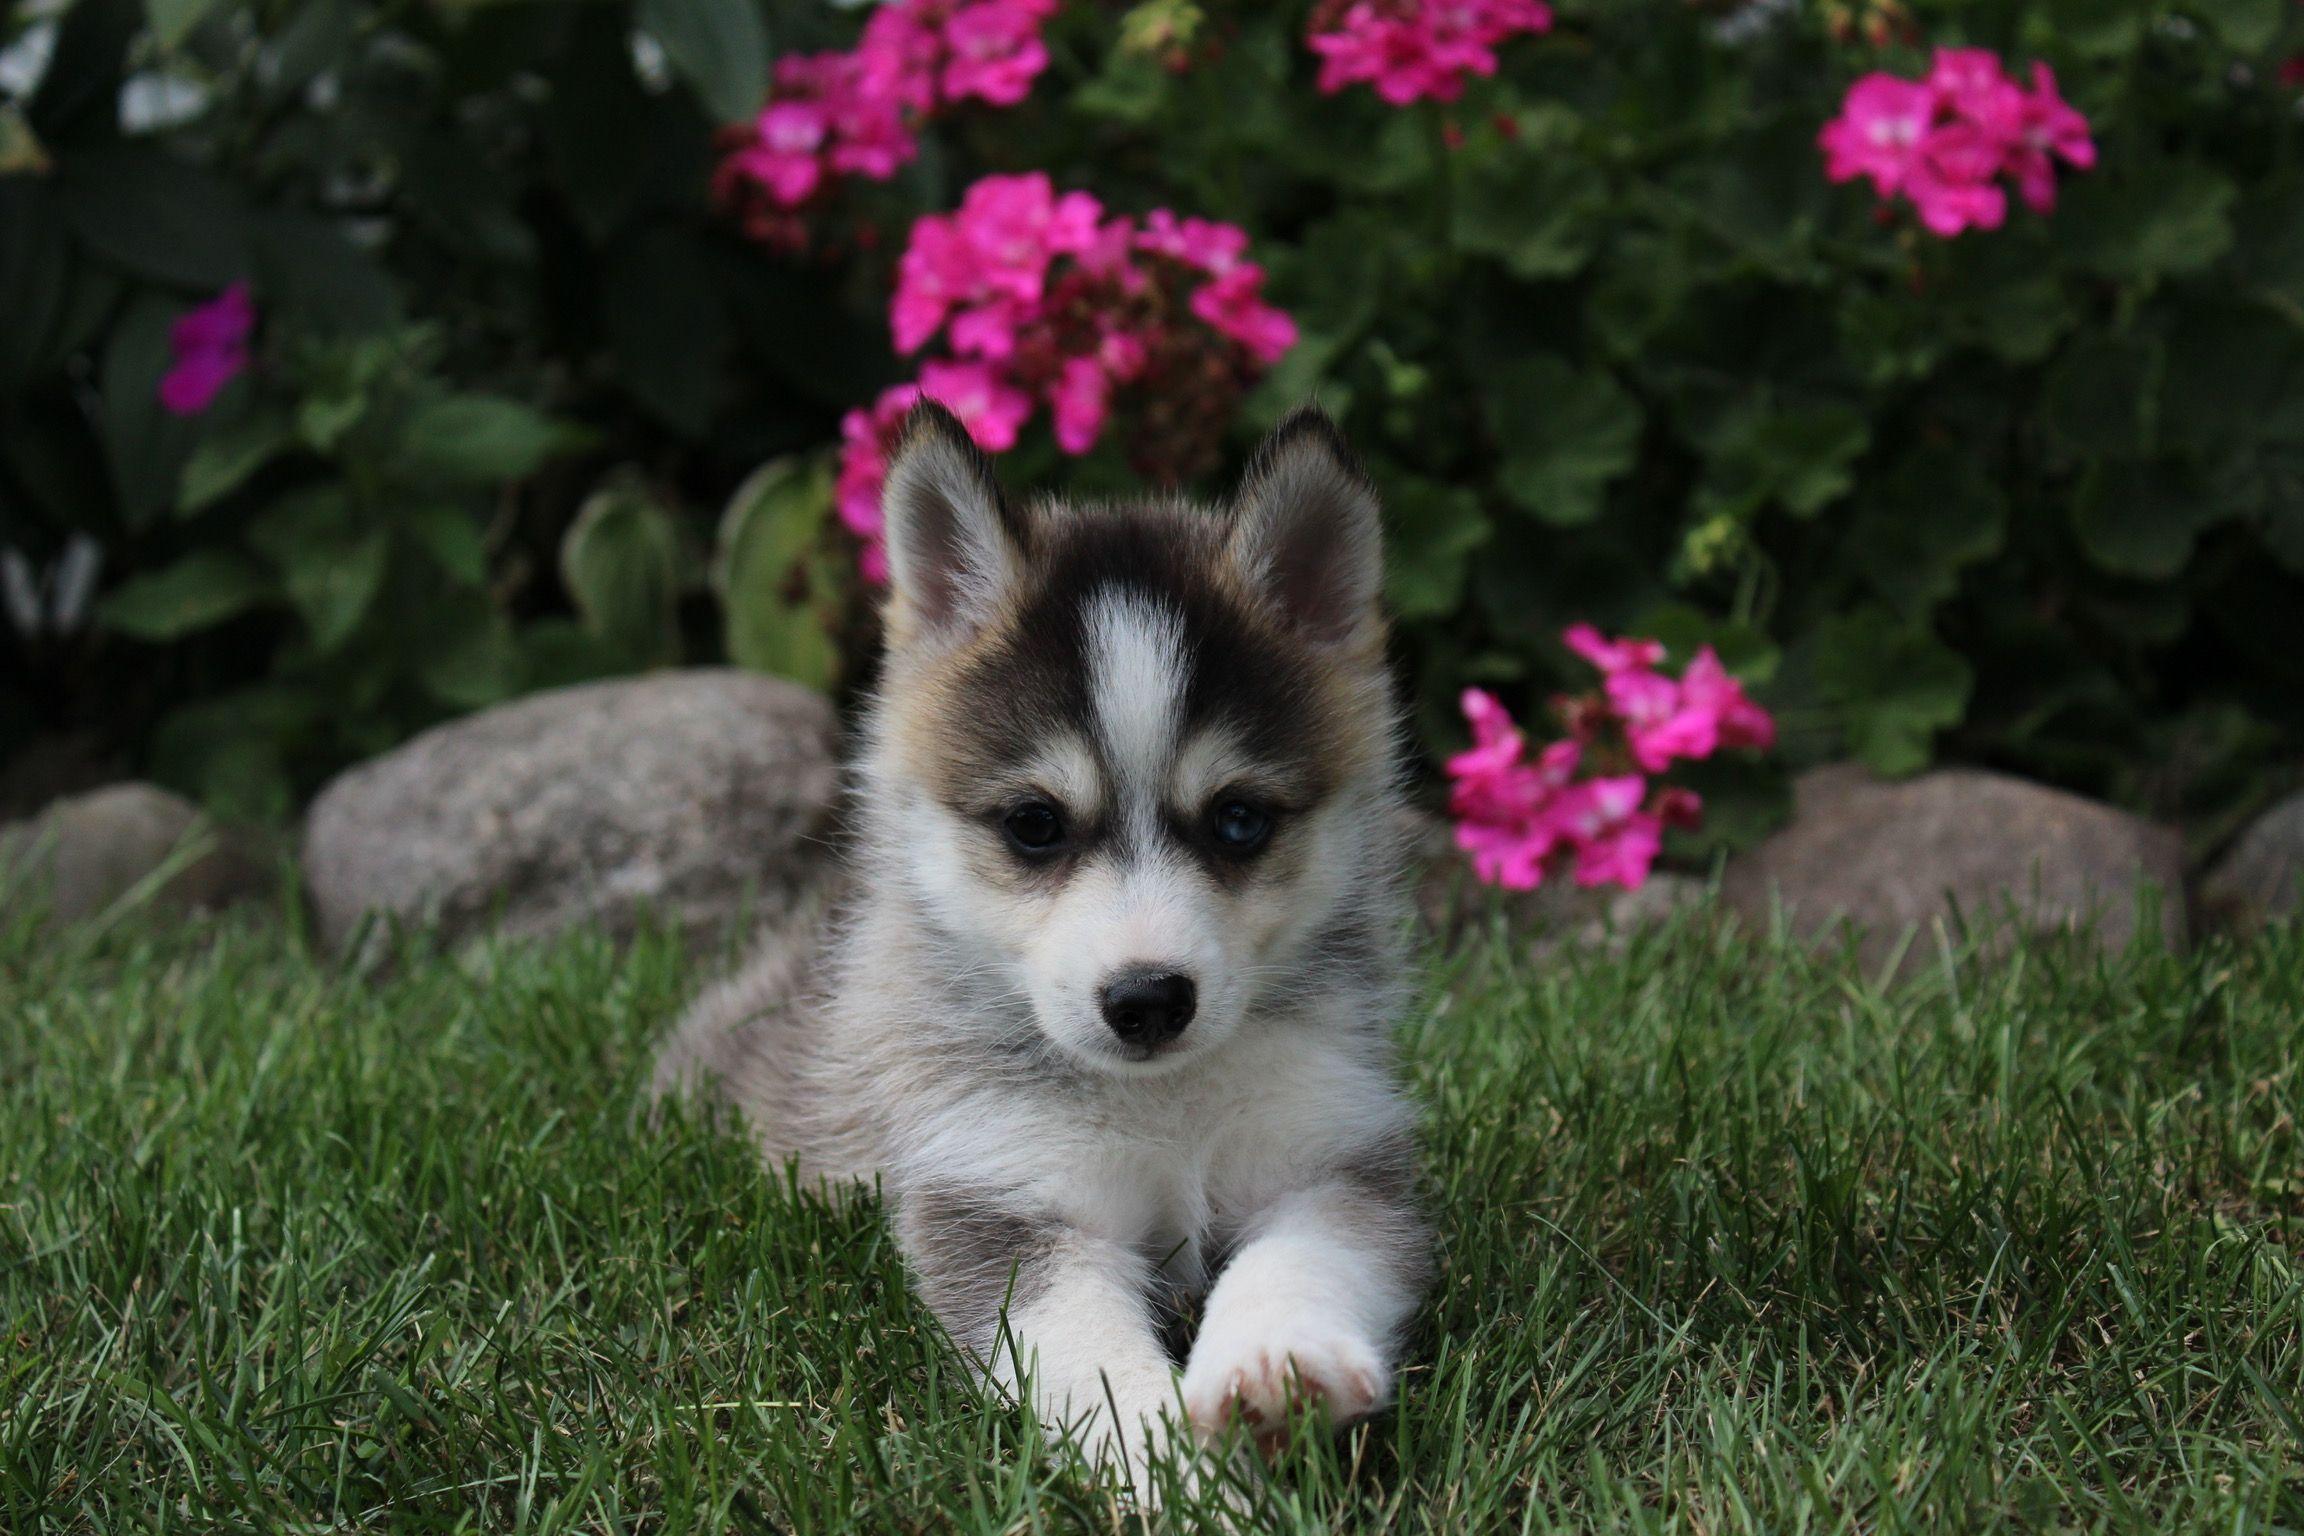 ASDA Toy Aussie puppy for sale in Mason City